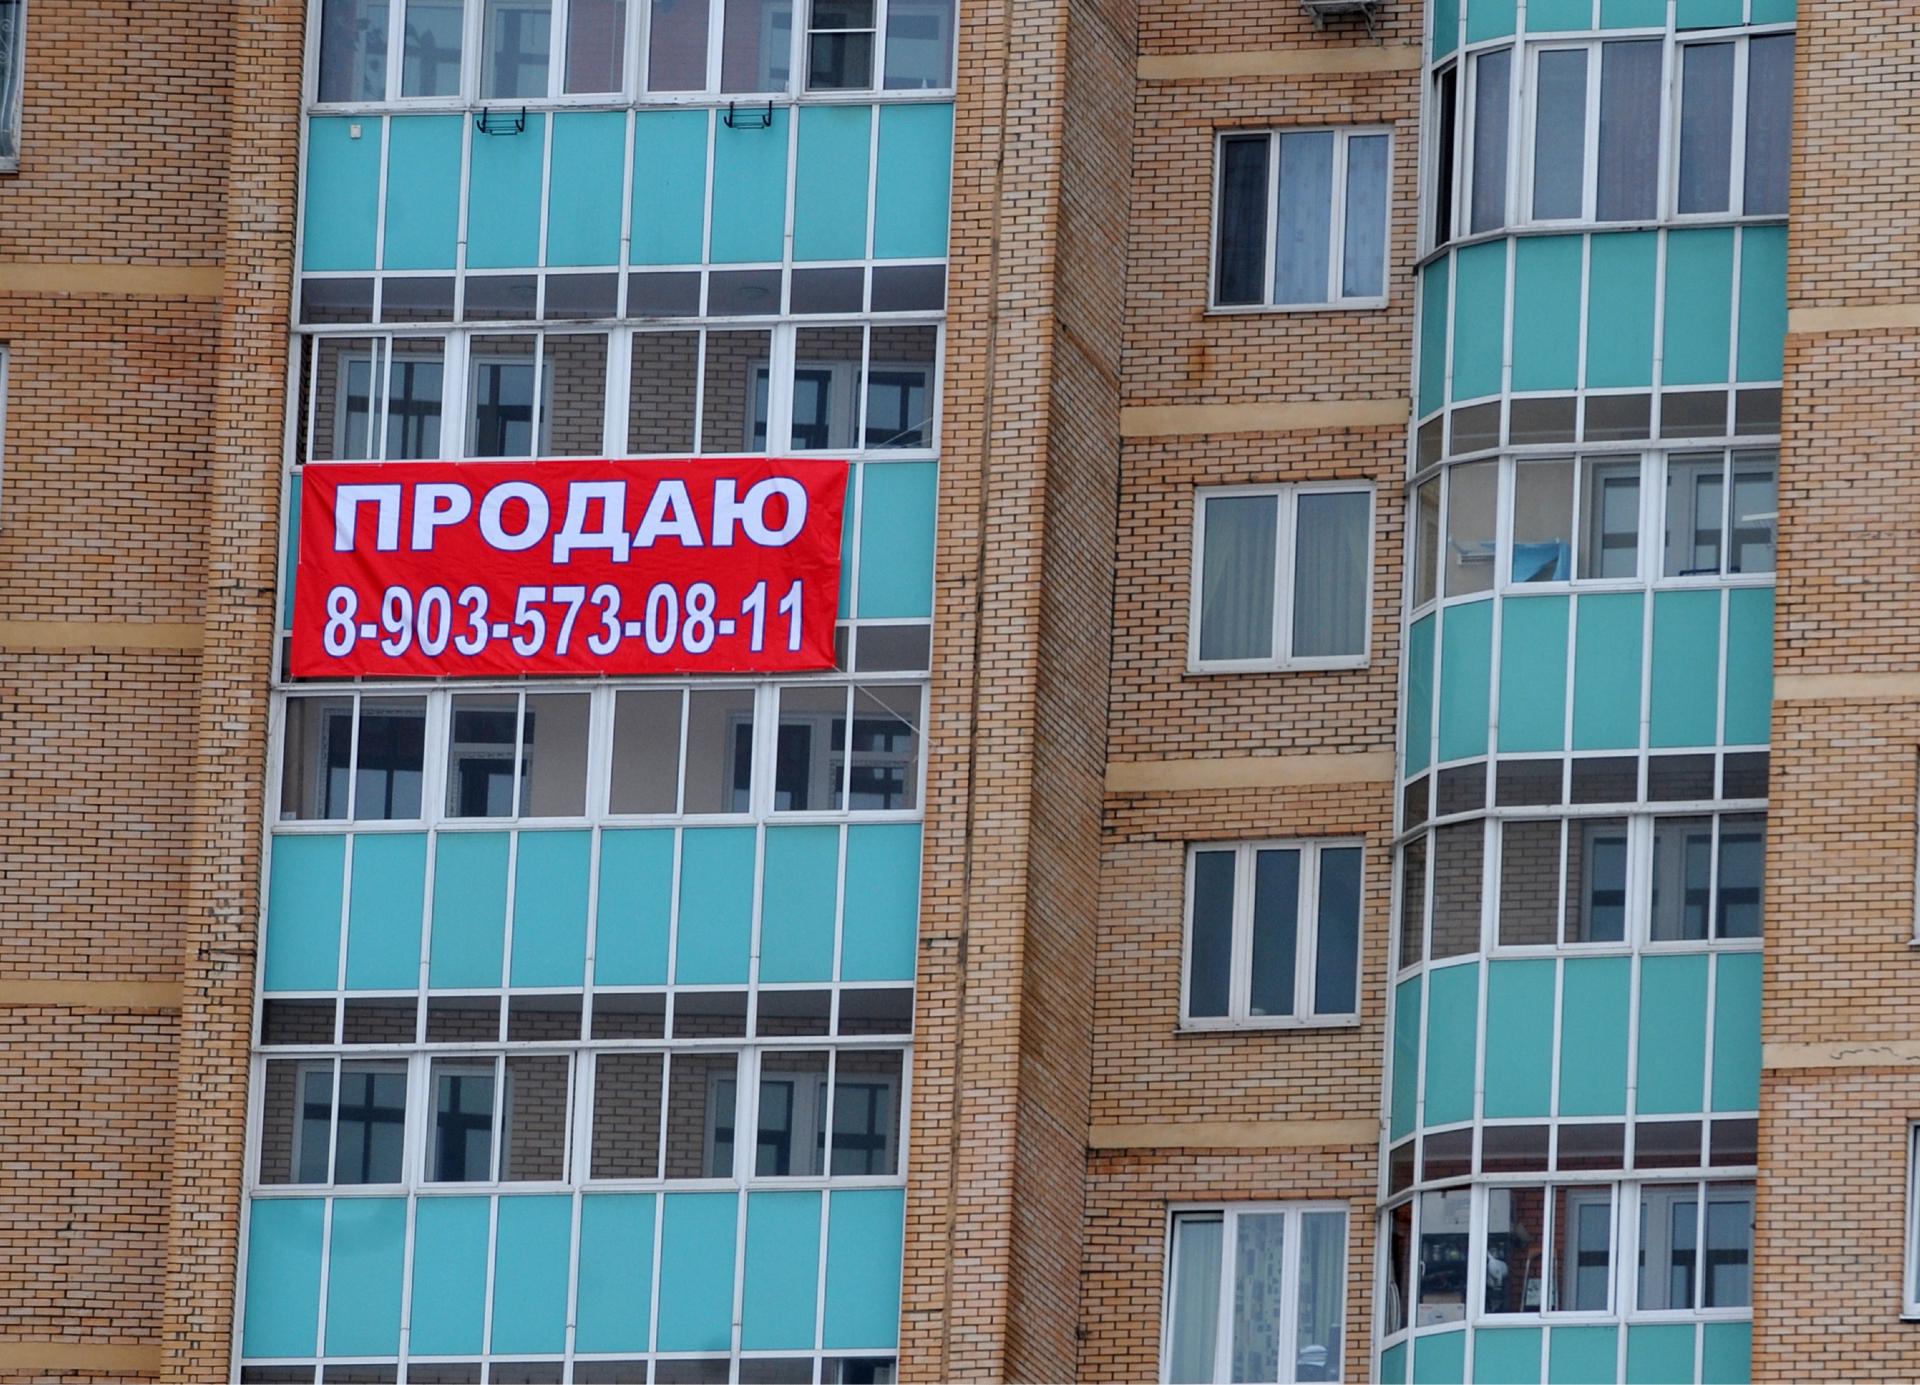 Объявление не должно содержать излишне восторженных слов в описании квартиры